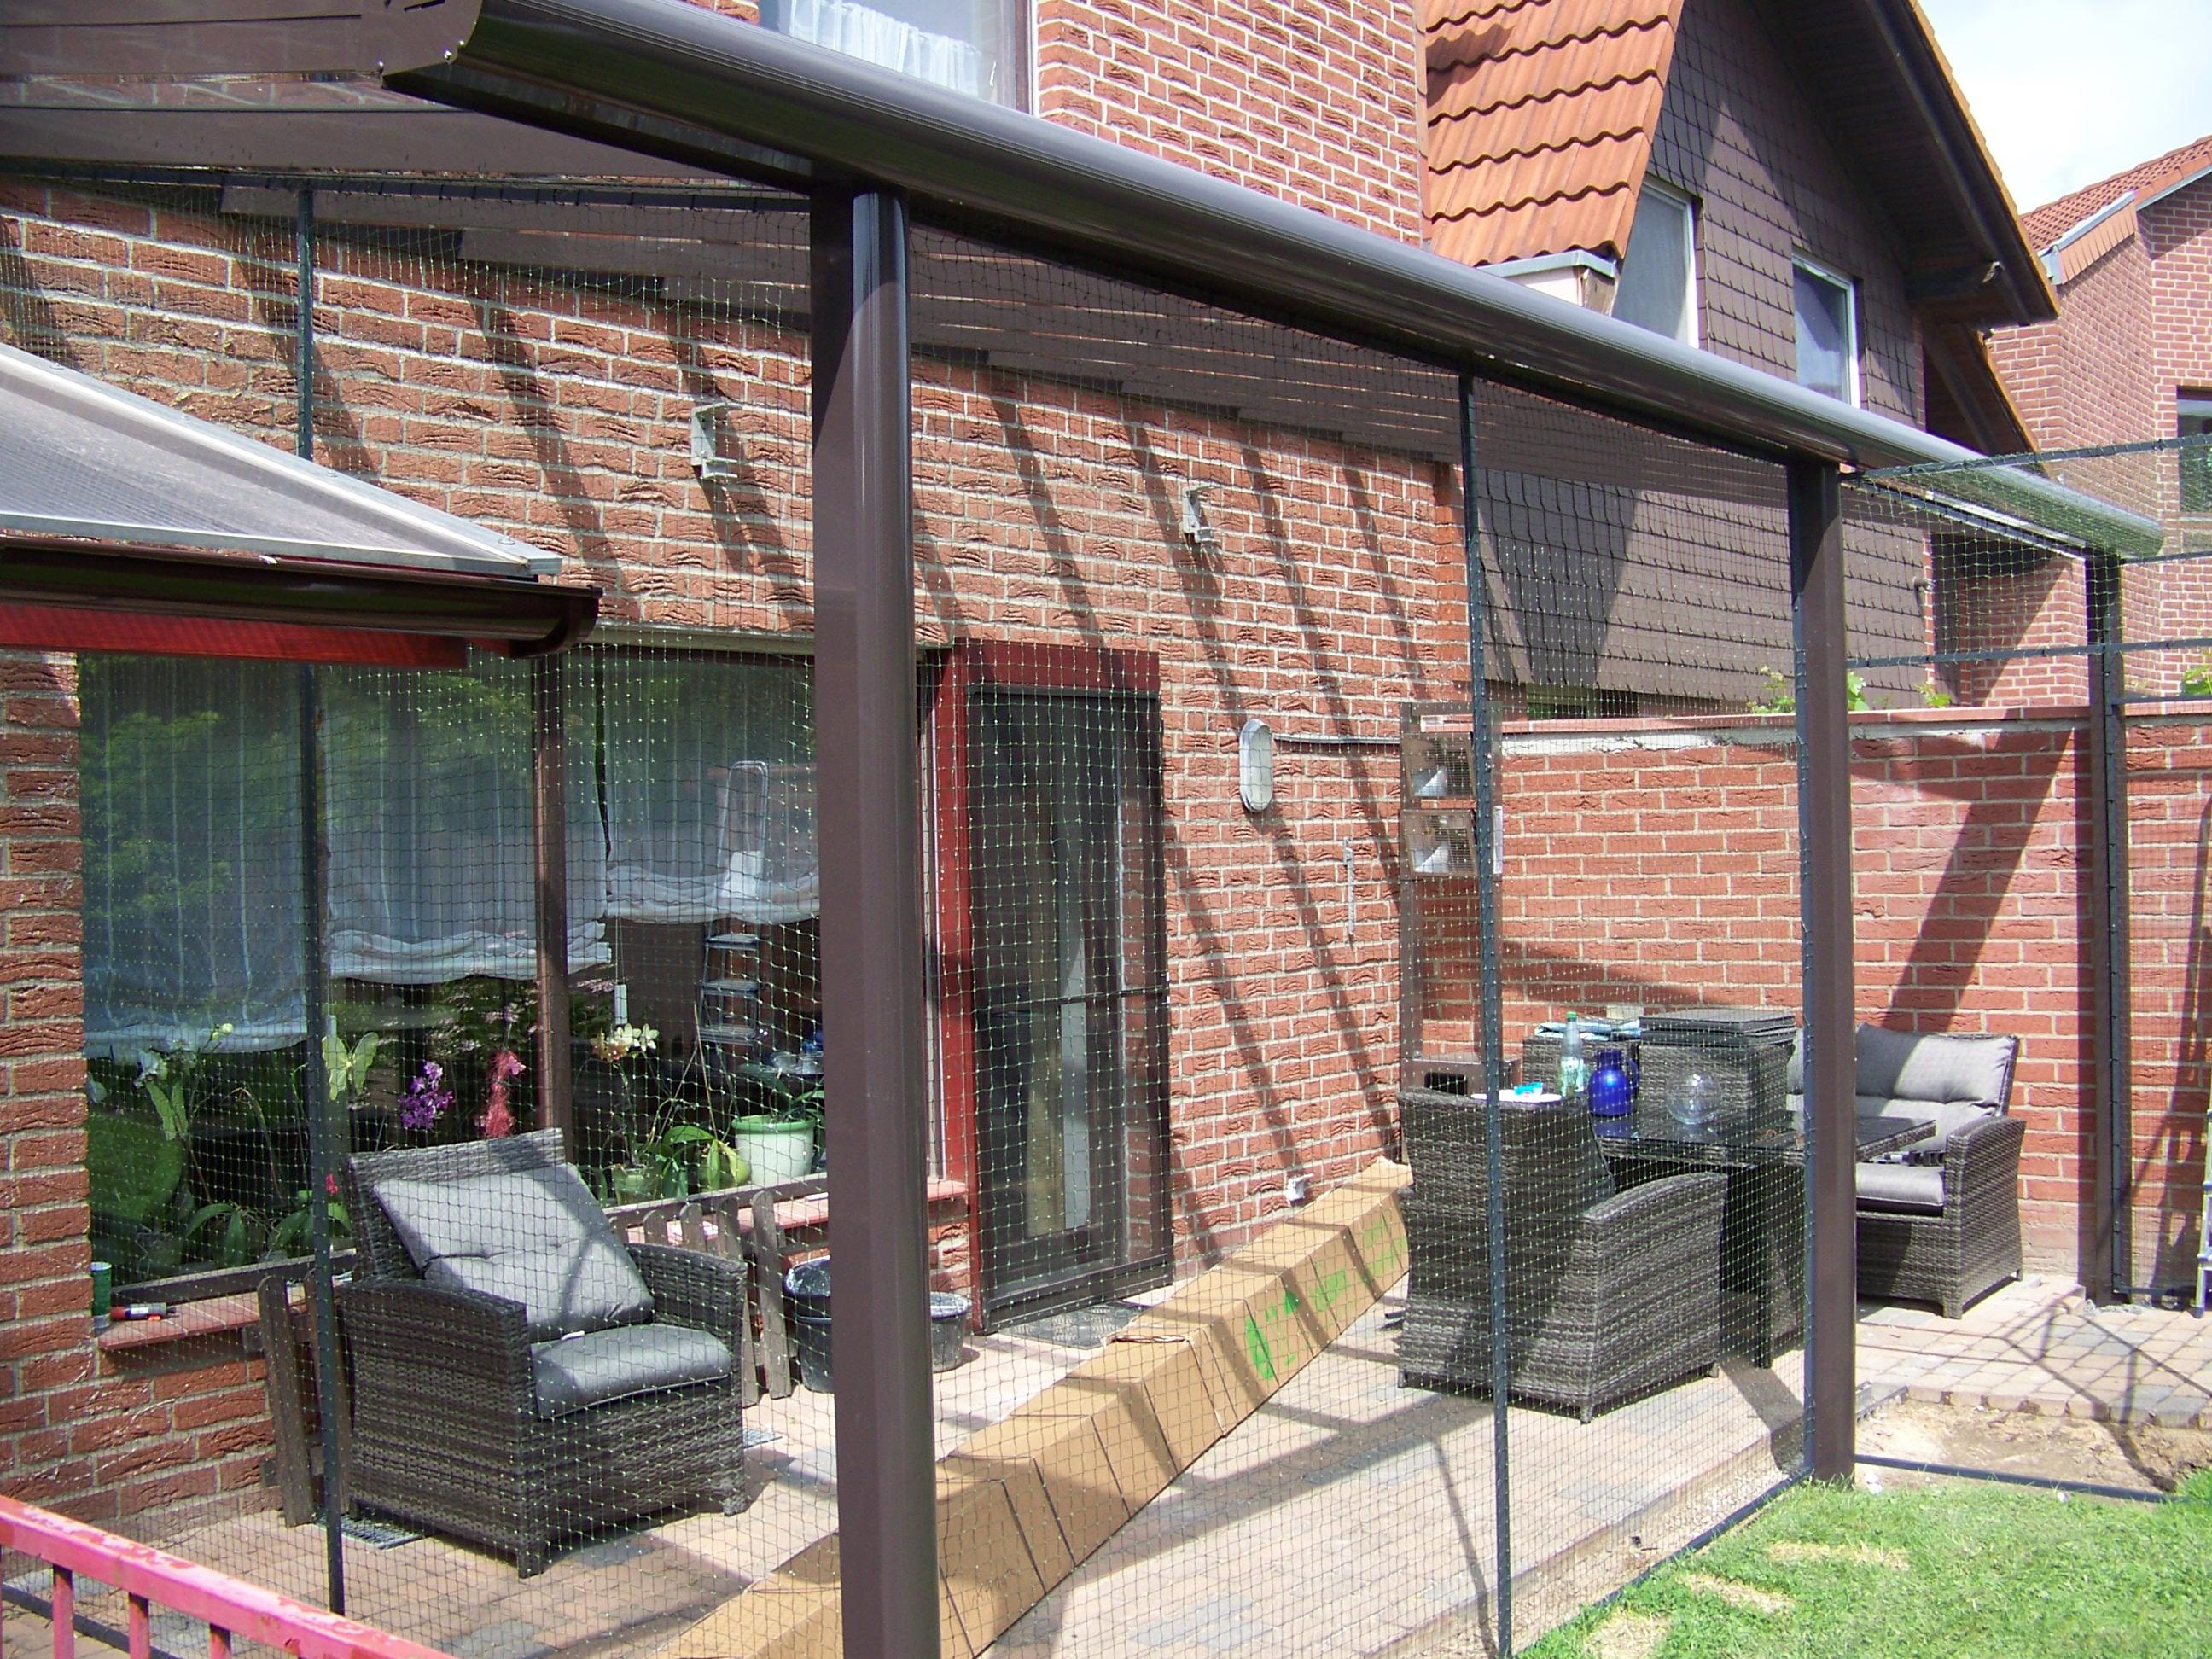 katzengehege auf terrasse in hannover ✓ katzennetz profi